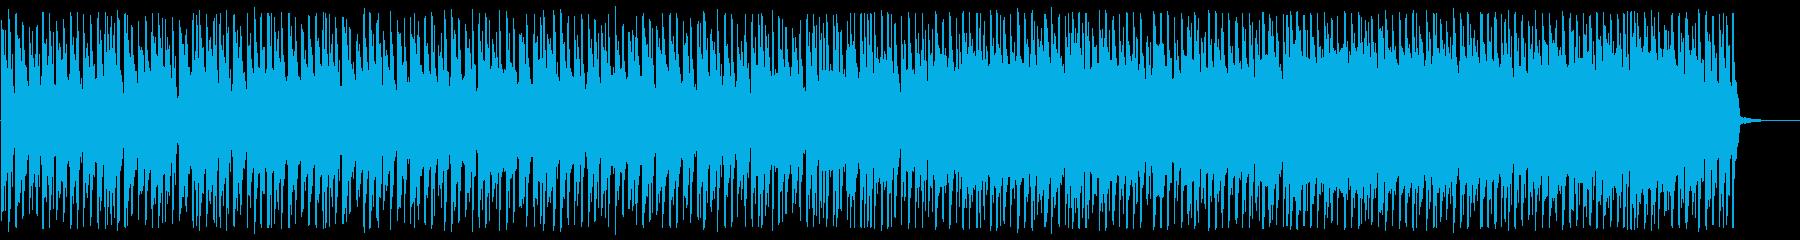 レトロ/エレクトロ_No455_2の再生済みの波形